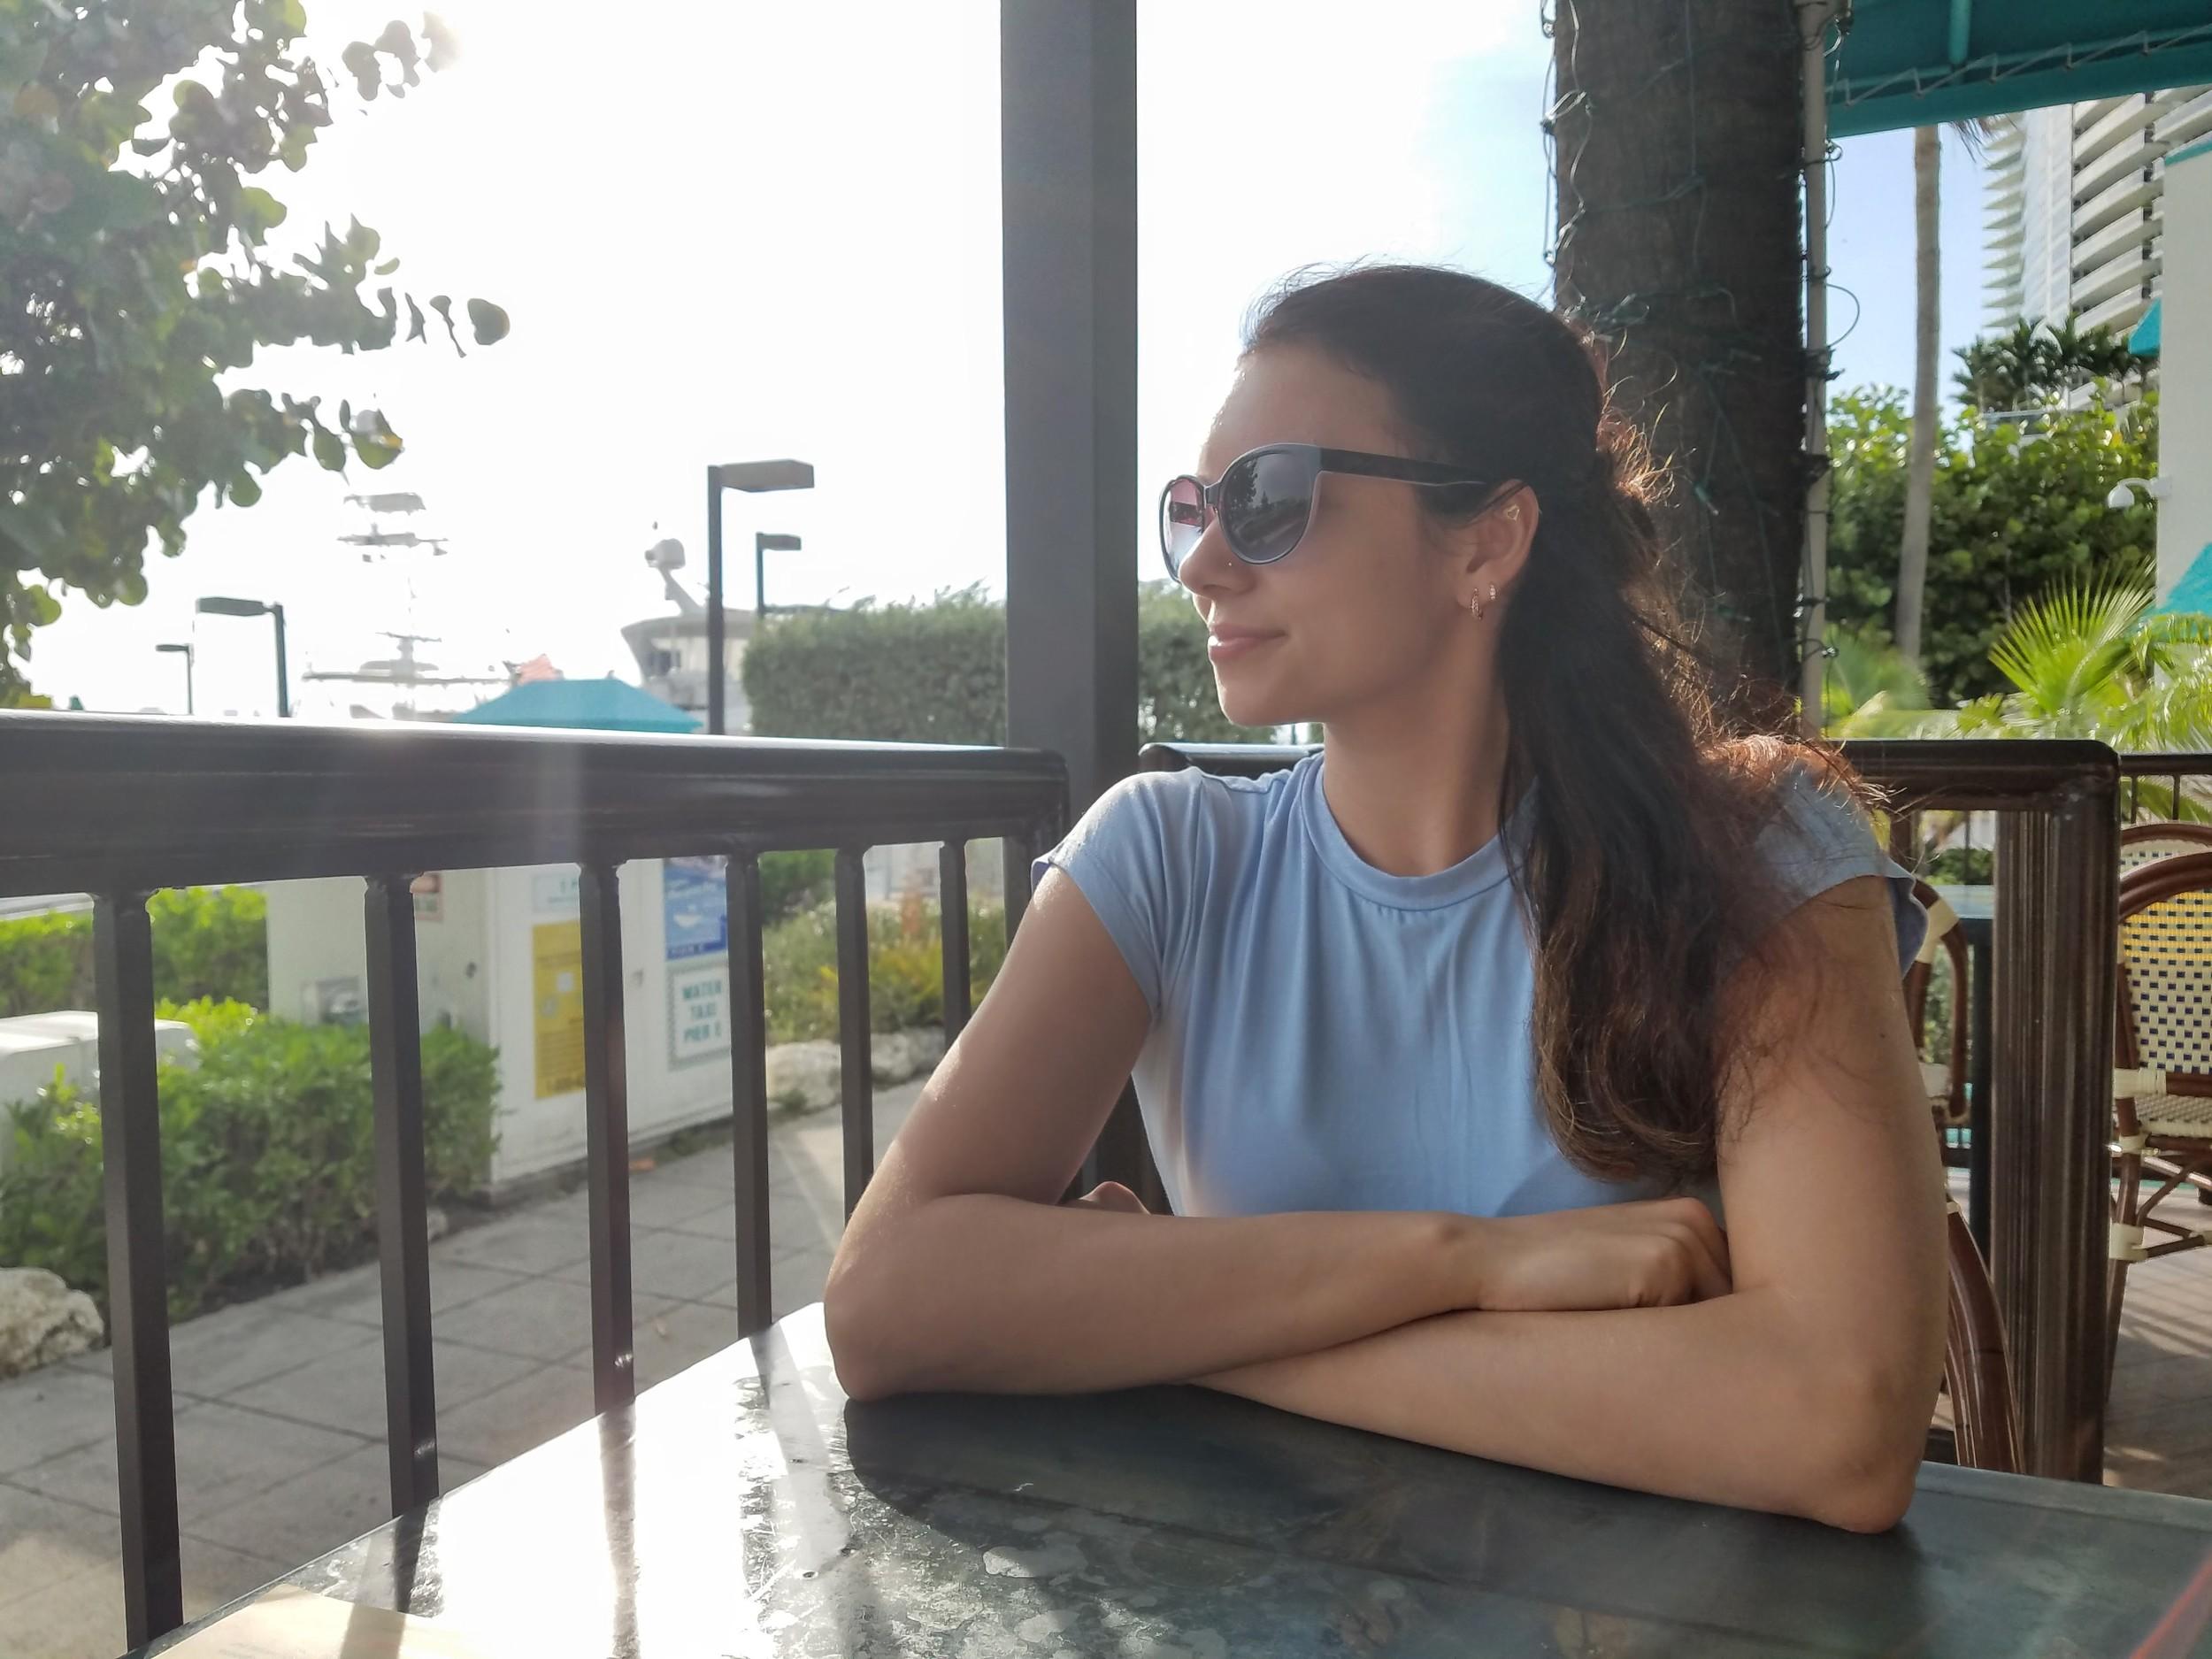 Miami vacation traveler fashion ootd style blogger lifestyle LifeOfArdor